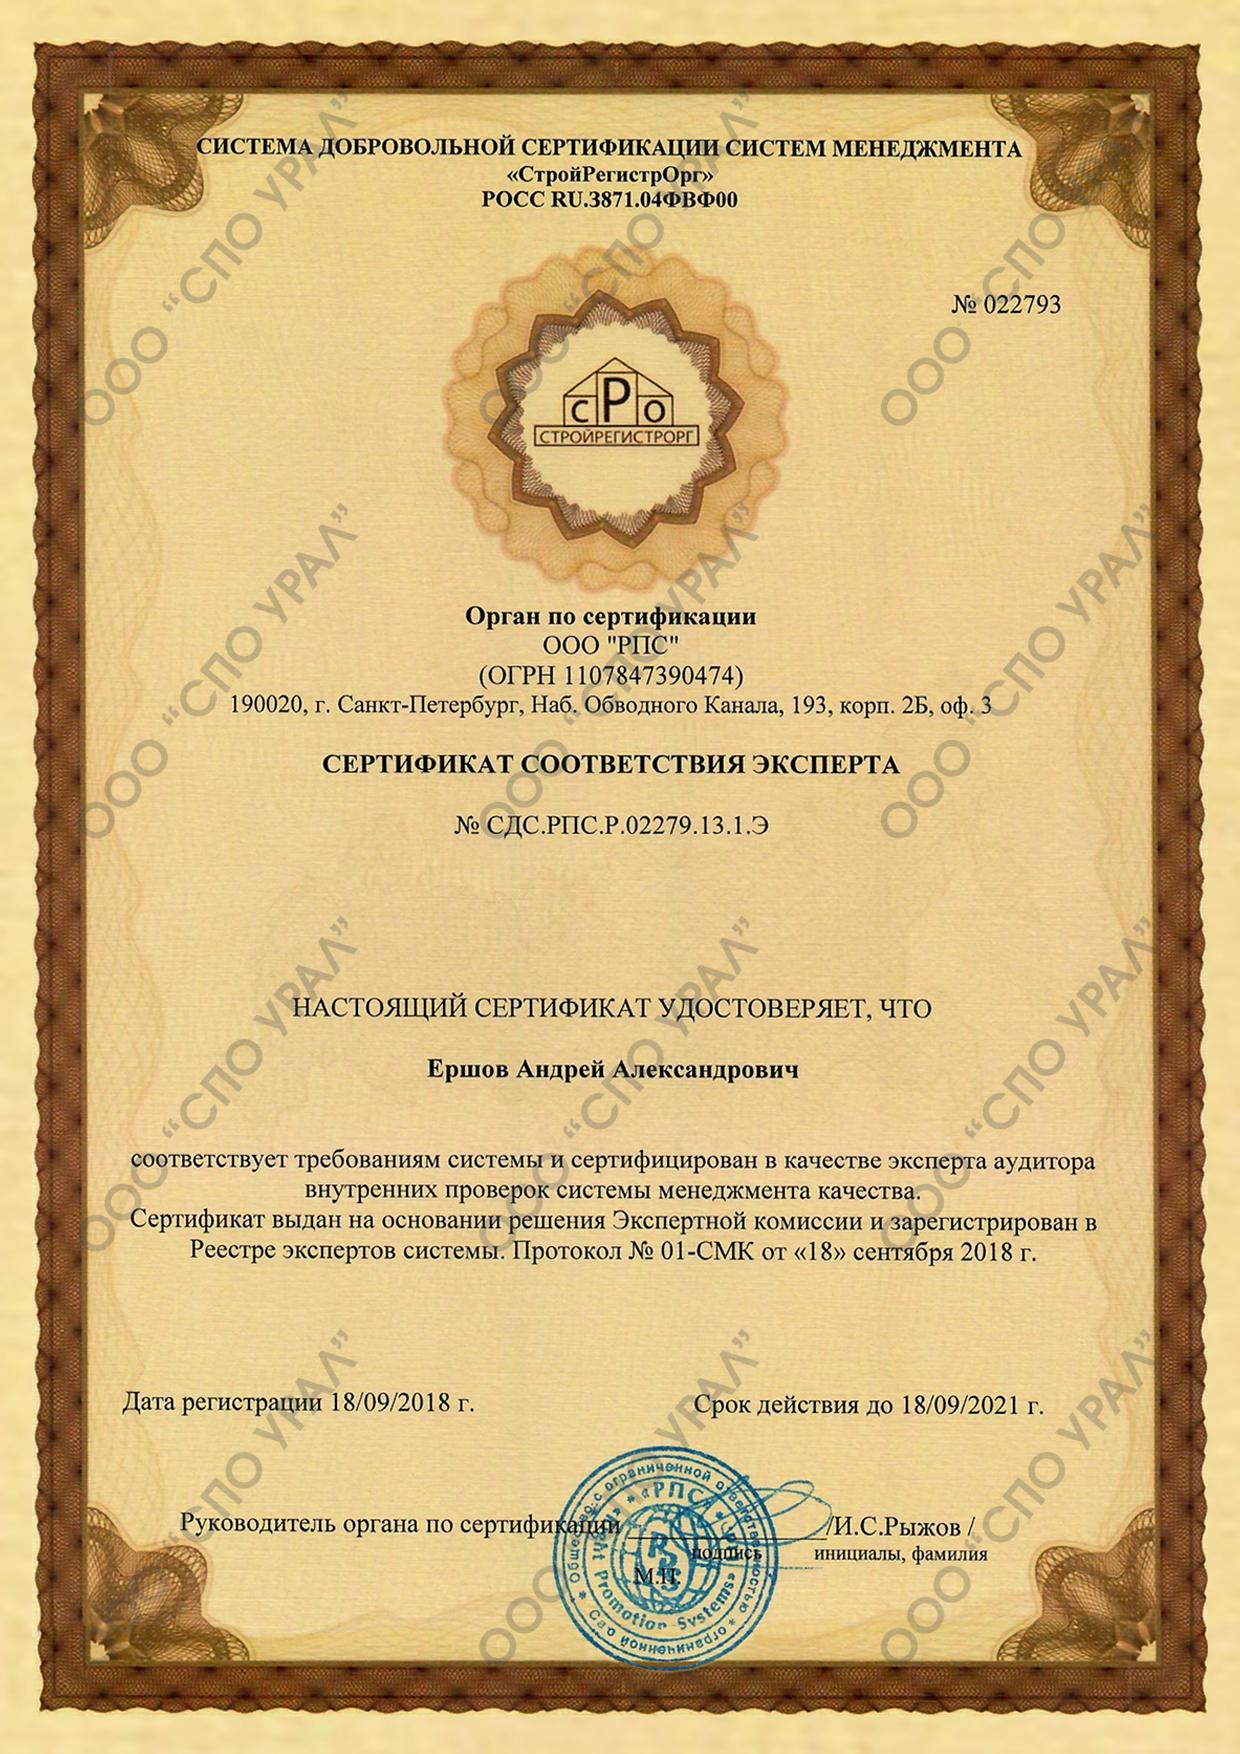 Лицензии и сертификаты СПО УРАЛ